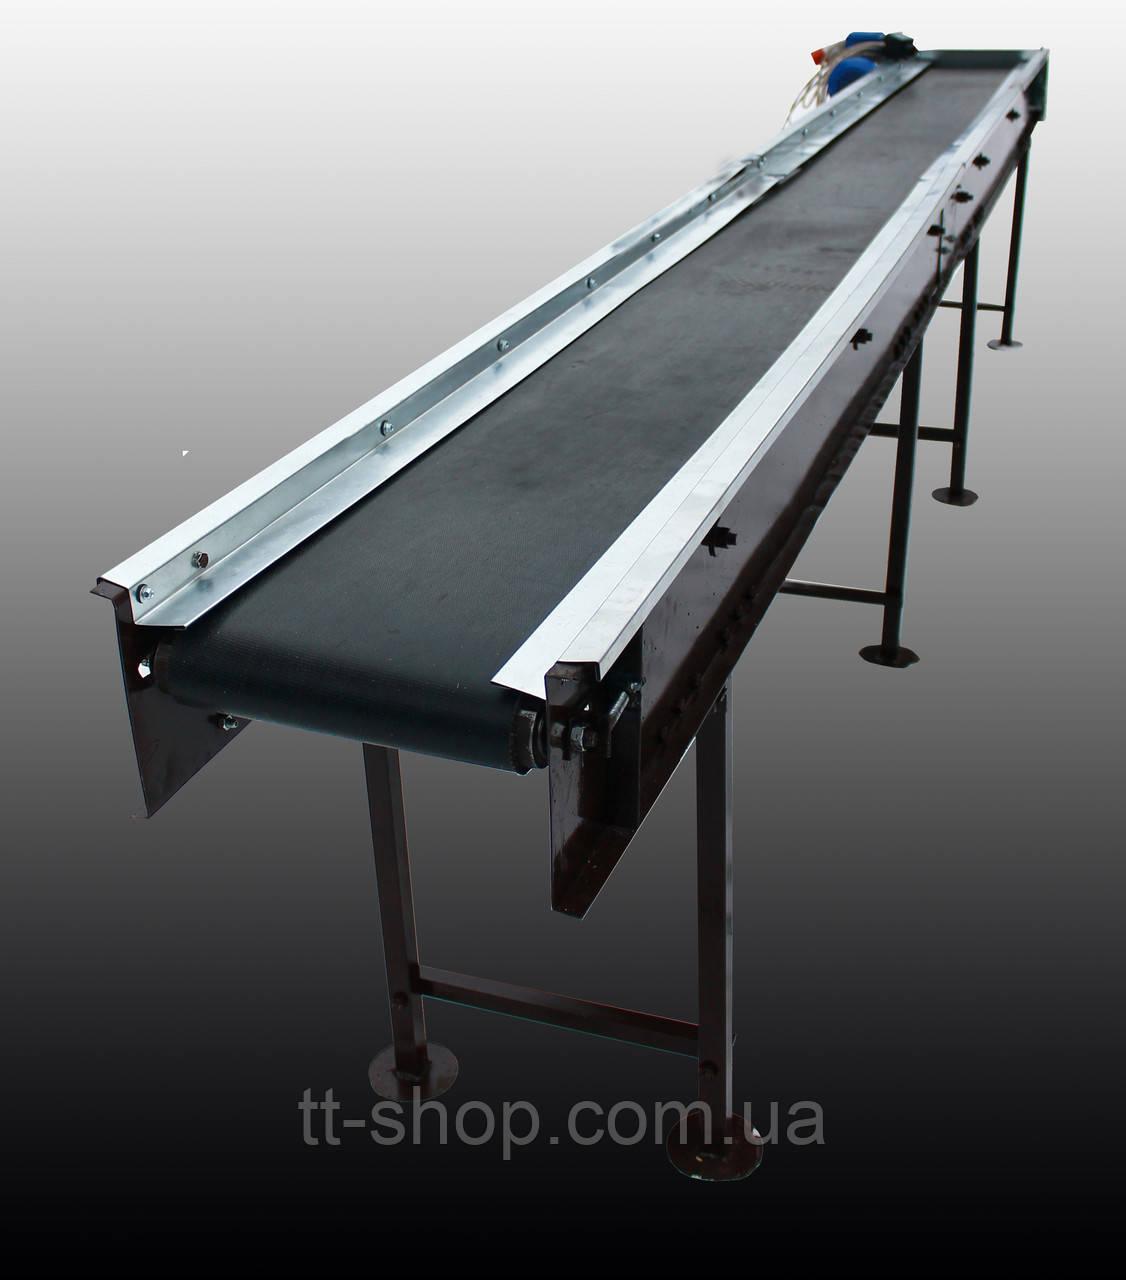 Ленточный конвейер длинной 1 м, ширина ленты 600 мм